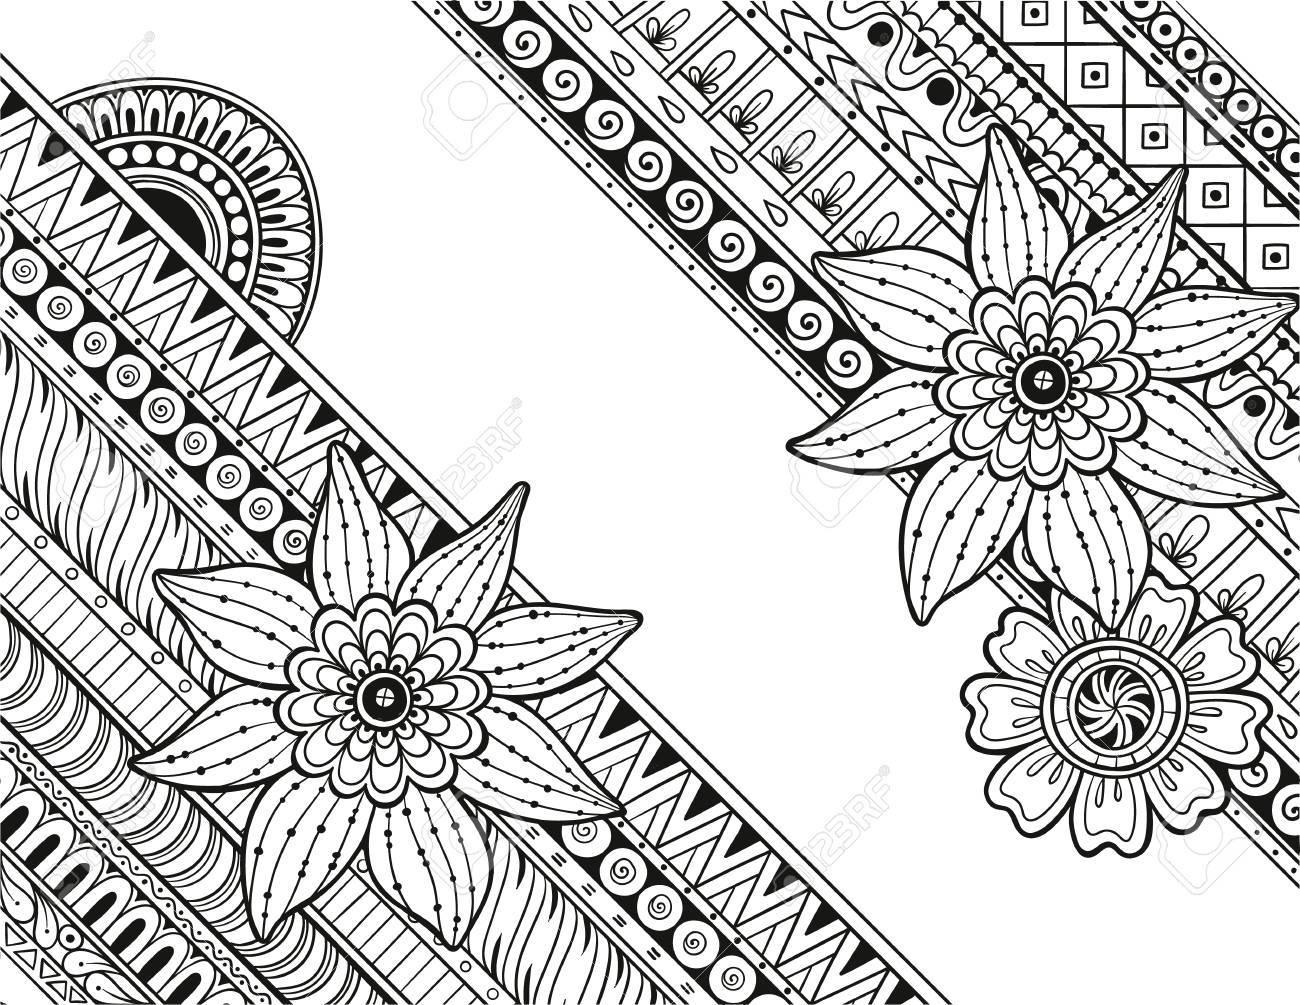 マンダラと花ペイズリー花柄ベクトル パターンを落書き塗り絵デザイン誕生日やその他の休日の任意の種